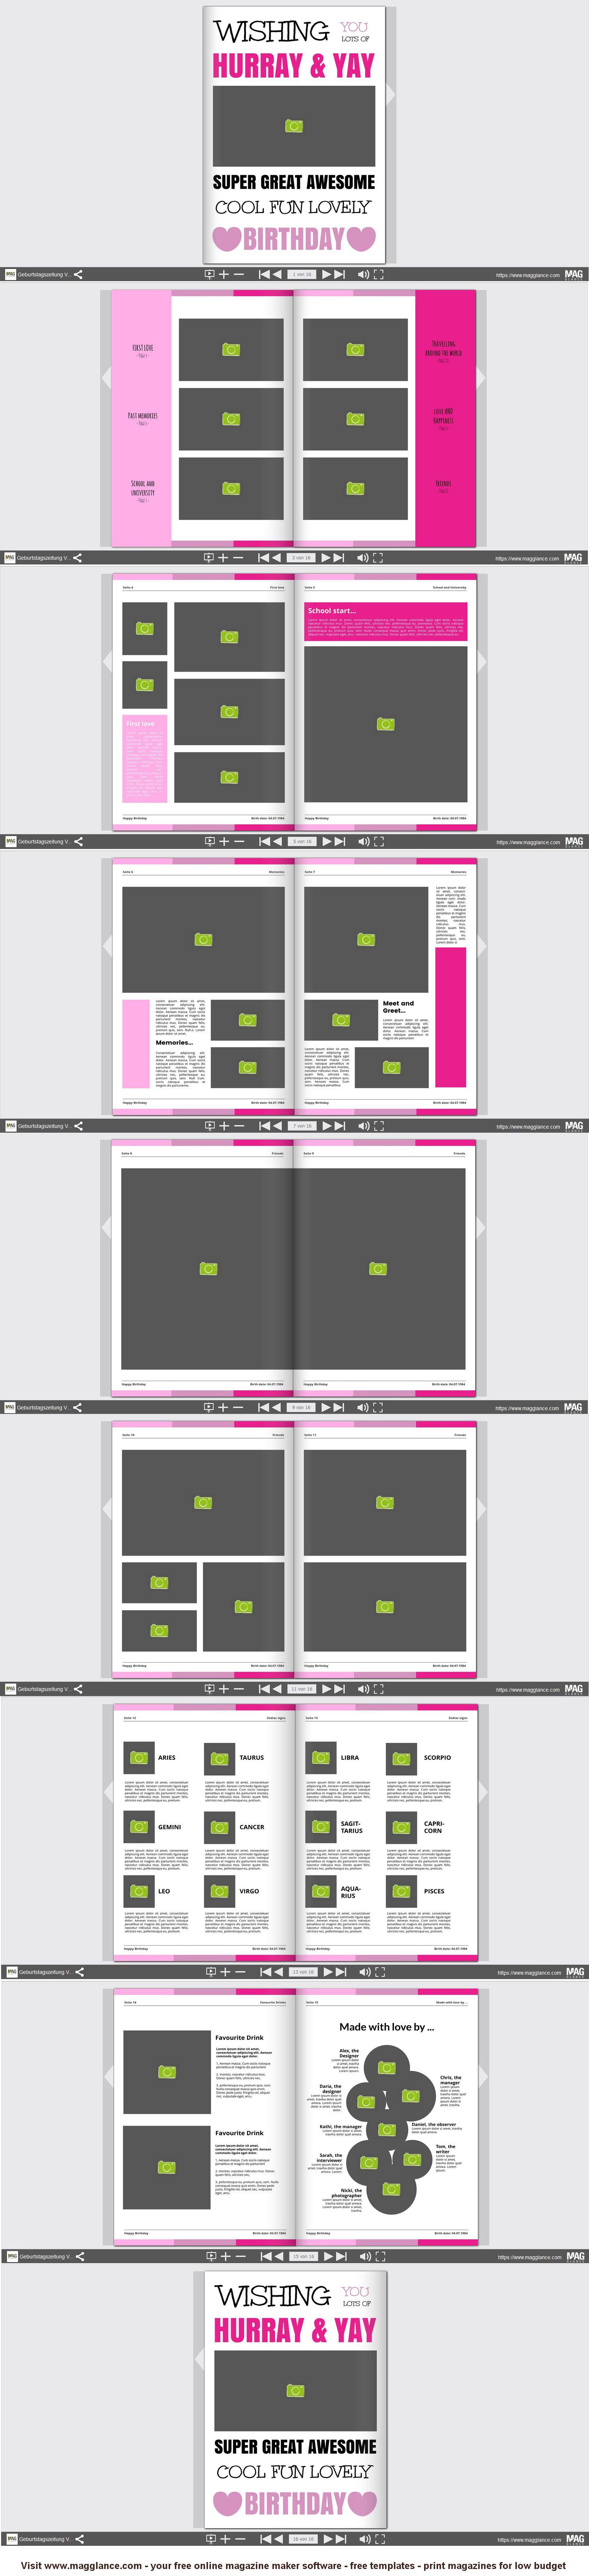 pin von mag glance germany auf geburtstagsszeitung vorlagen in 2018 pinterest. Black Bedroom Furniture Sets. Home Design Ideas